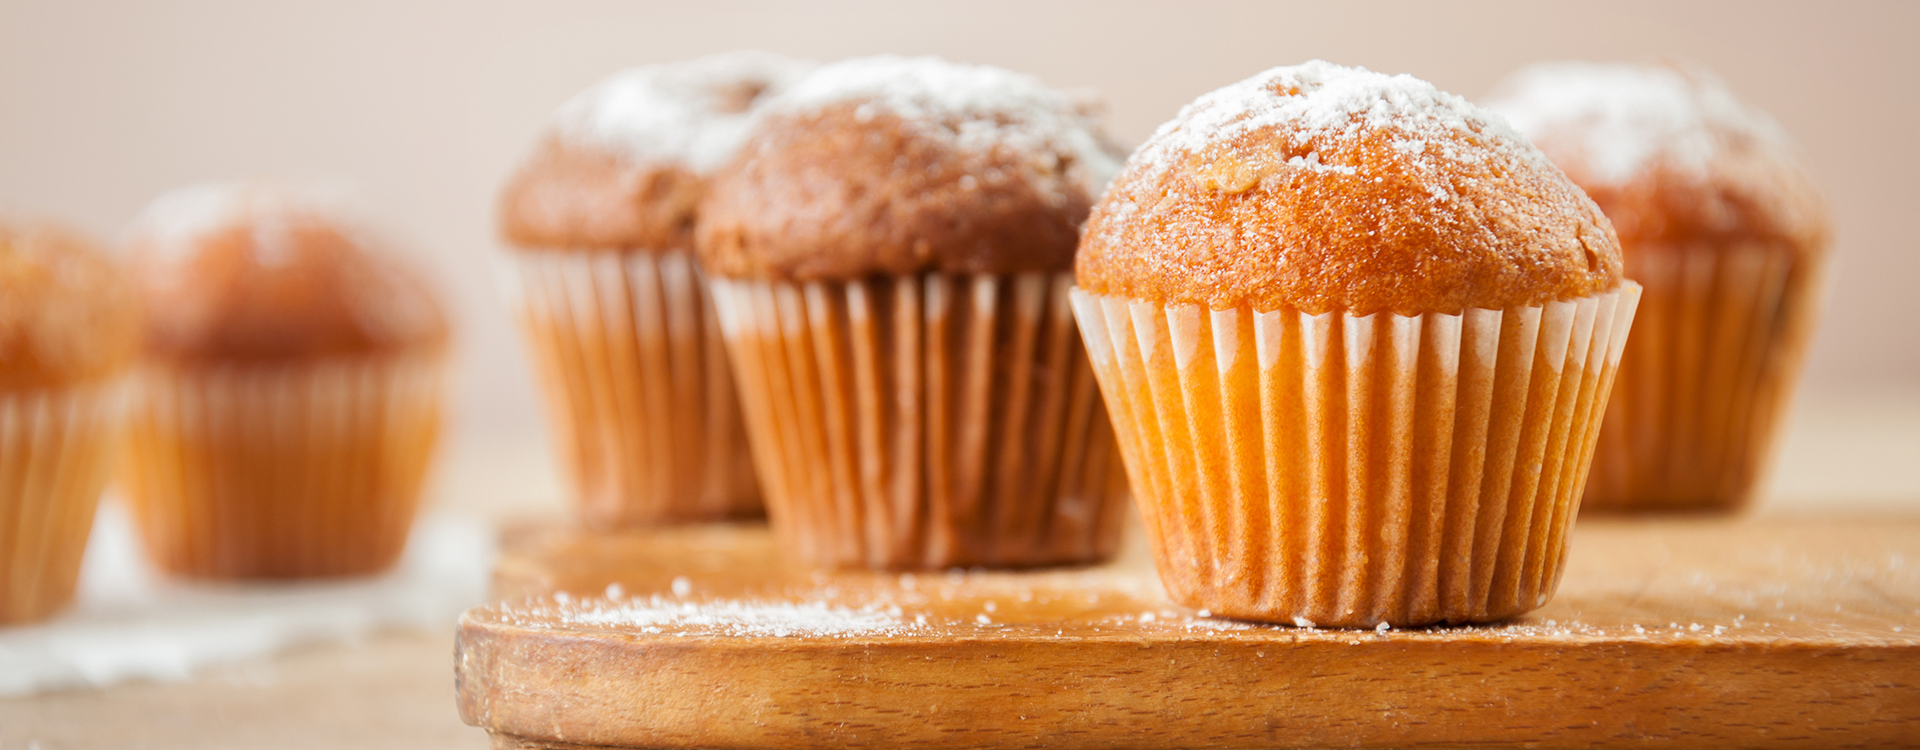 Zdrowe muffiny - przepis